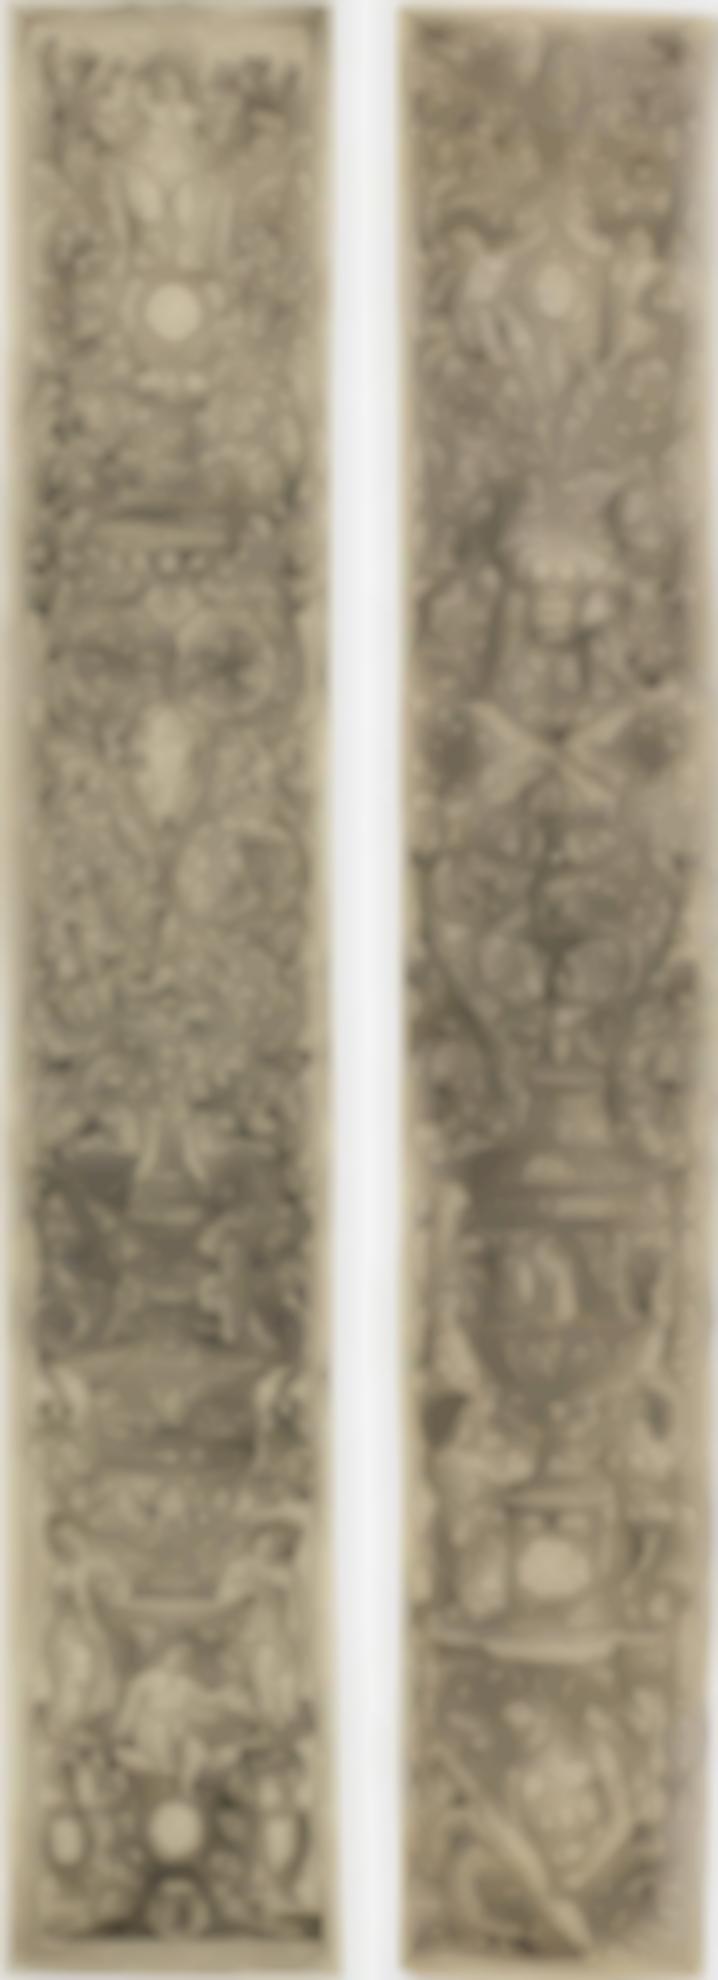 Zoan Andrea-Giovanni Pietro da Birago-Three Children Blowing Horns; A Triton And Two Infant Satyrs (Bartsch 28, 24)-1507